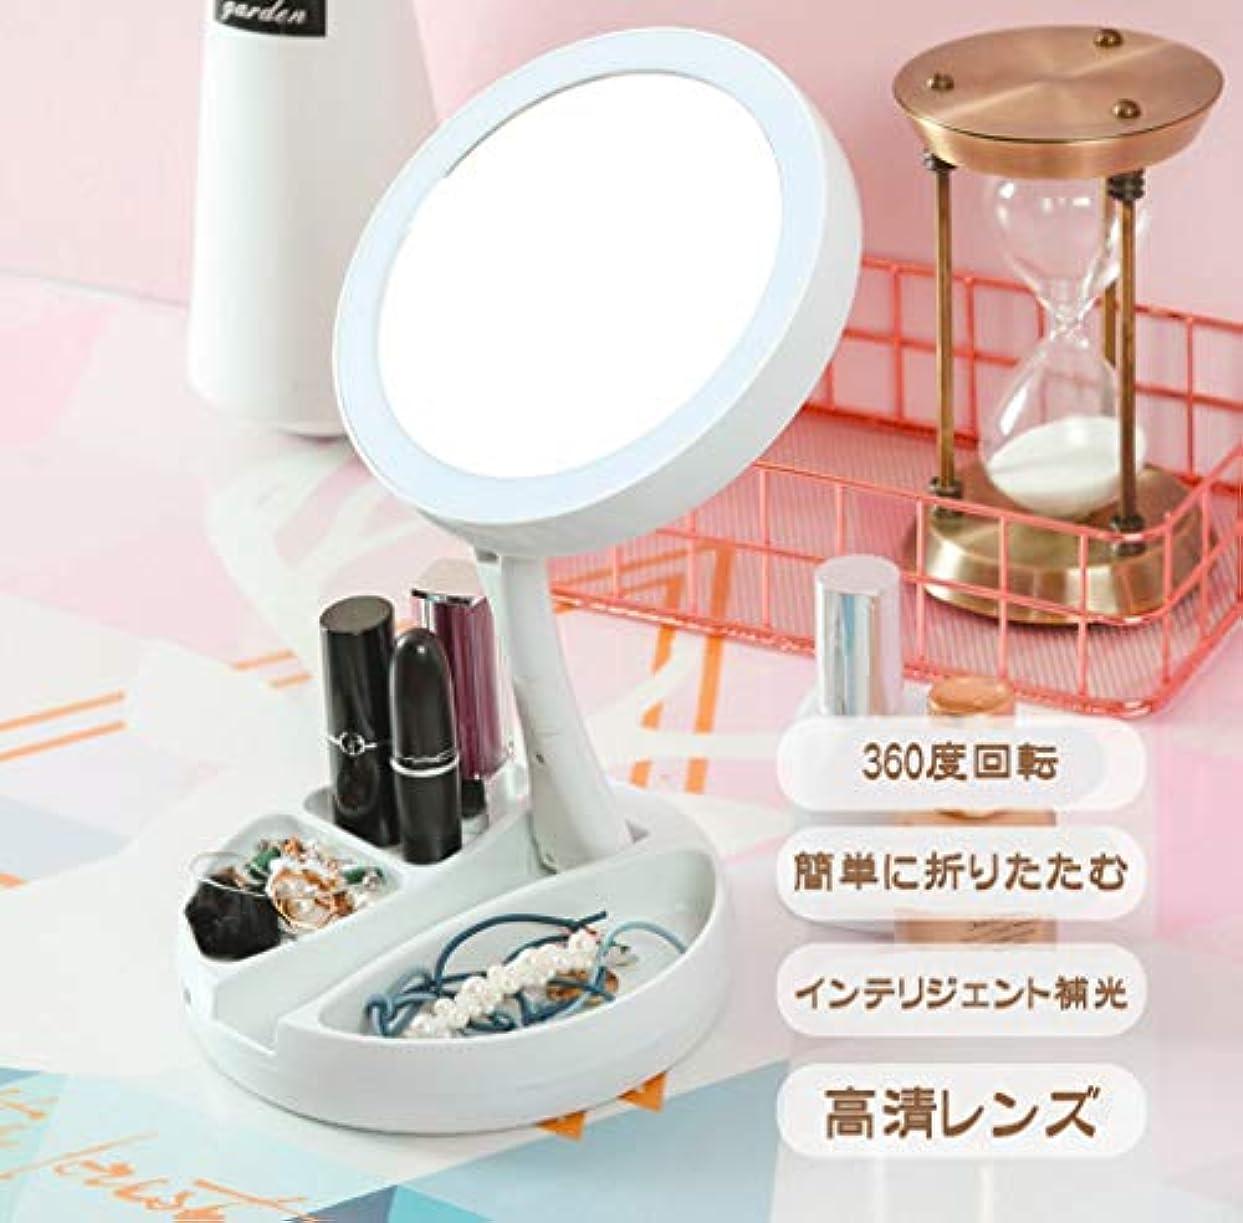 前述のネスト範囲化粧鏡 化粧ミラー 化粧鏡 女優ミラー 卓上鏡 USB充電式や電池化粧ミラー 折りたたみ式 多機能LED10倍 両面化粧ミラー 卓上鏡